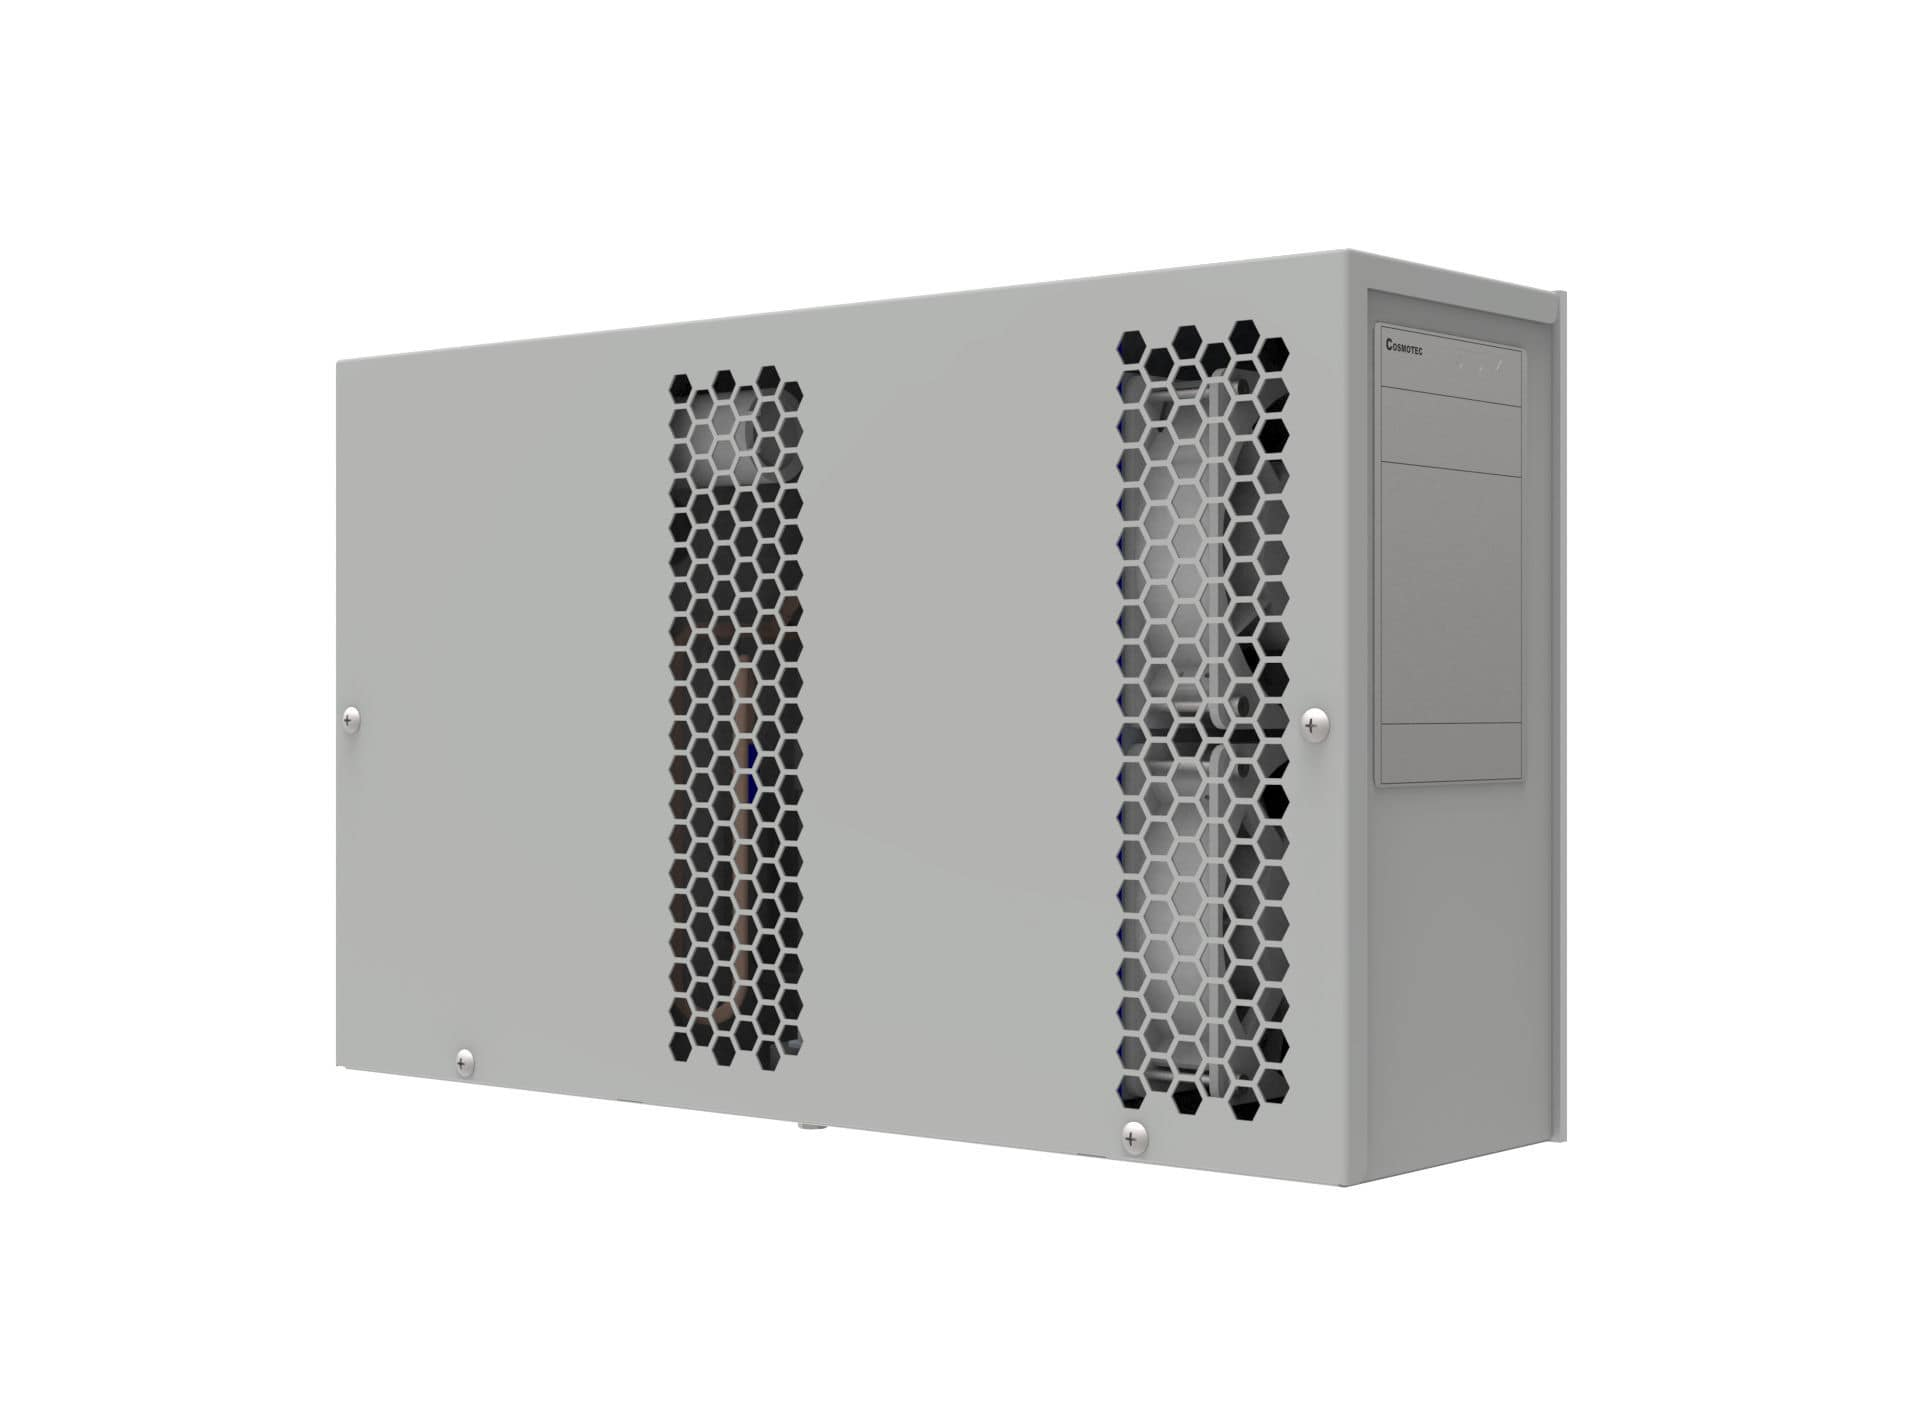 climatiseur d armoire electrique industriel a condensation par air smart